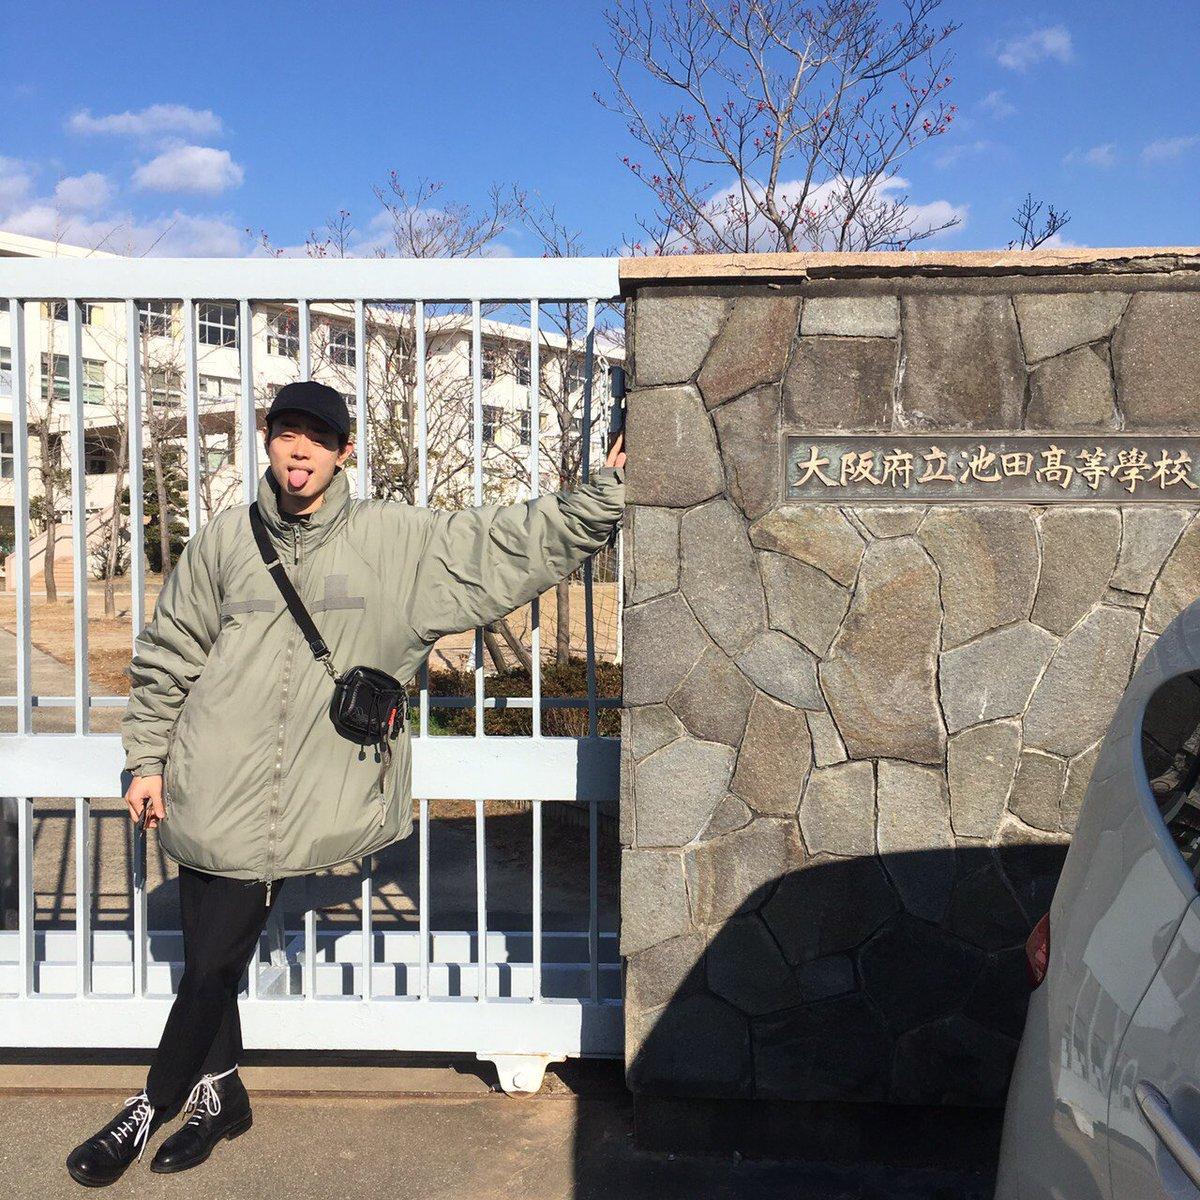 菅田 将 暉 ツイッター